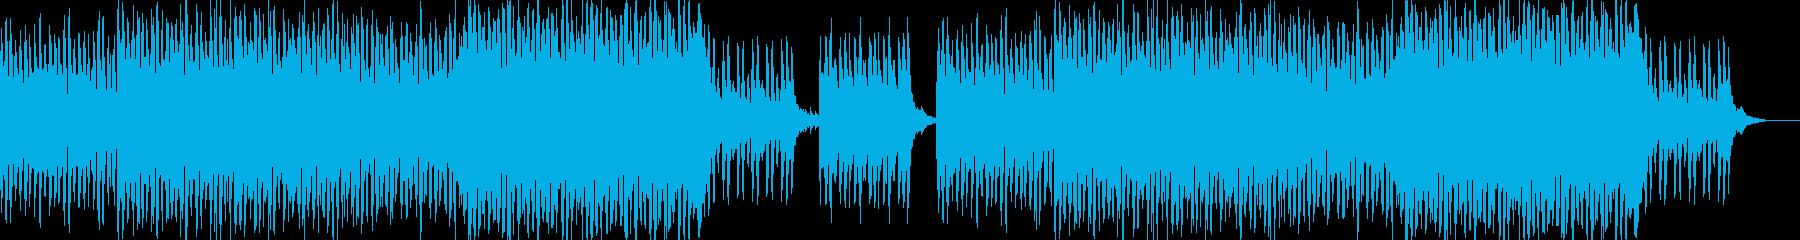 ワルツでハロウィン風のオーケストラの再生済みの波形